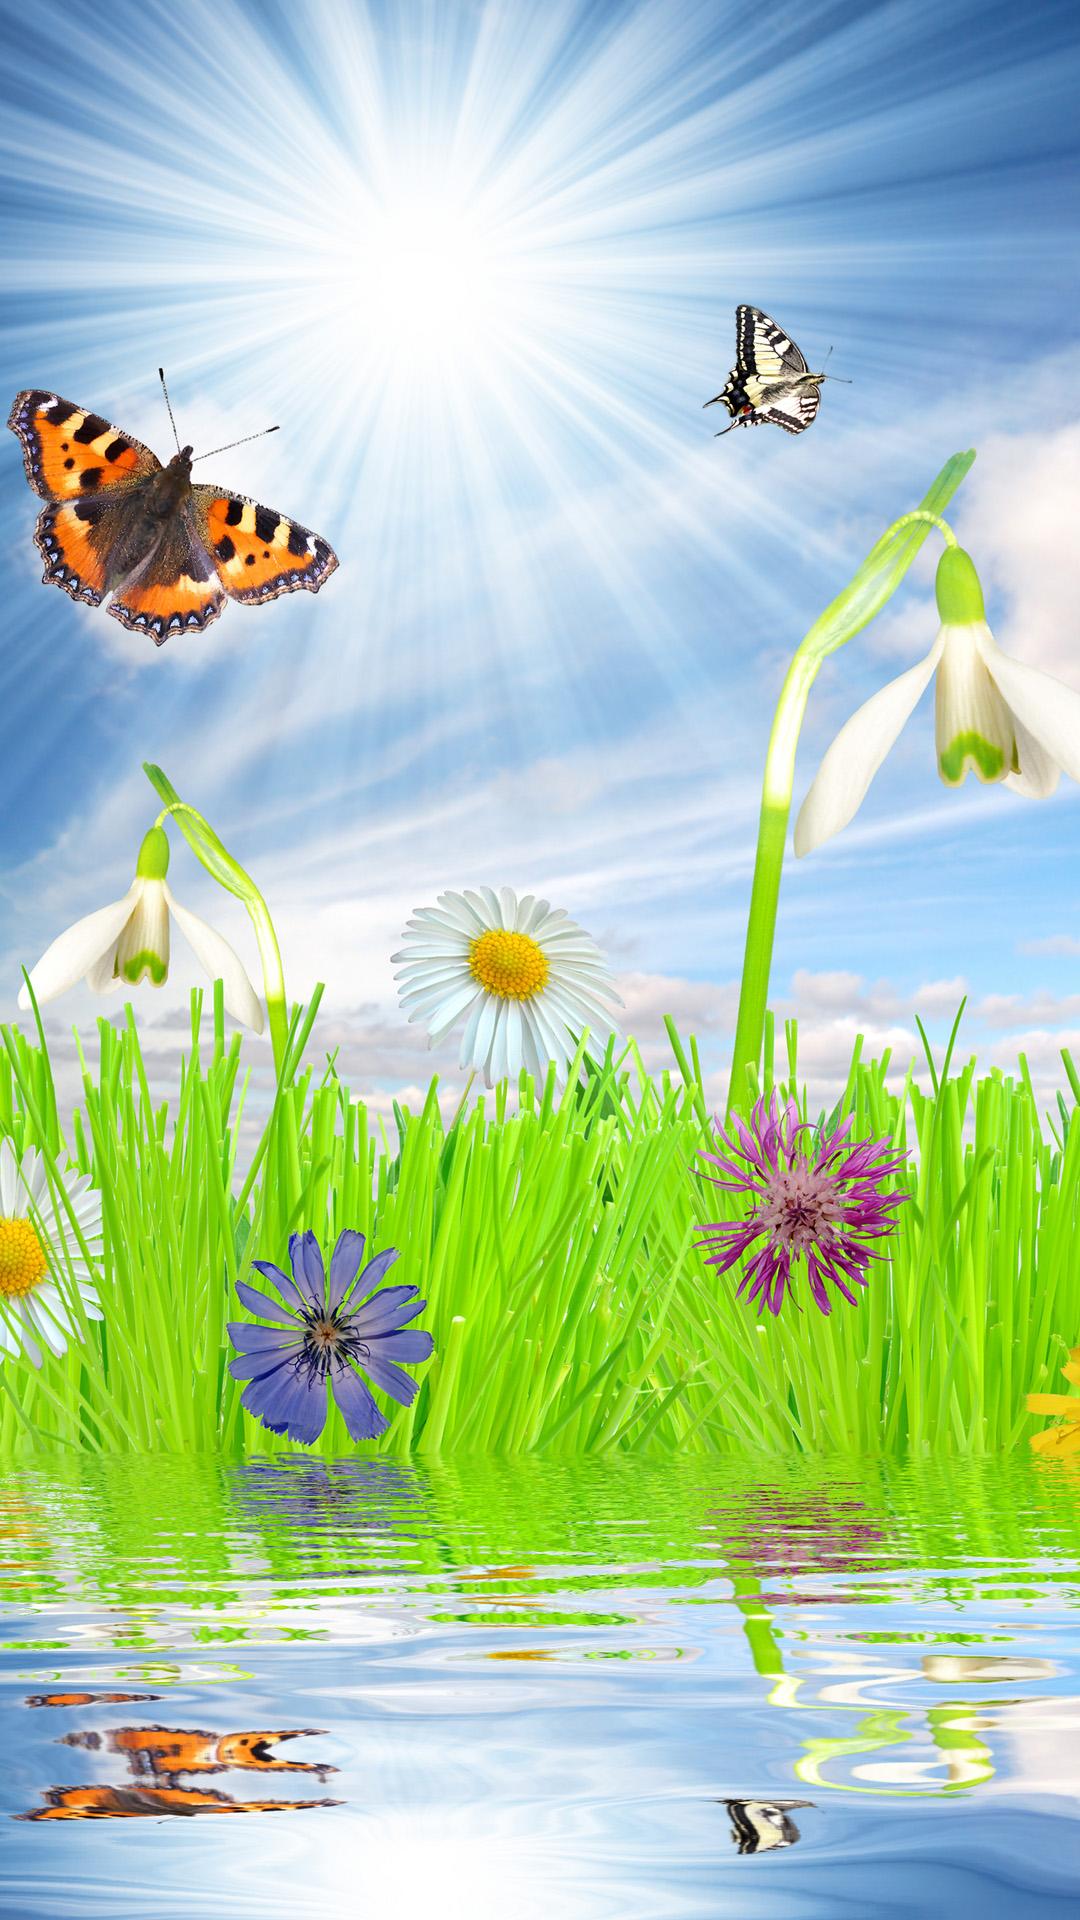 Spring iPhone 6 Wallpaper - WallpaperSafari